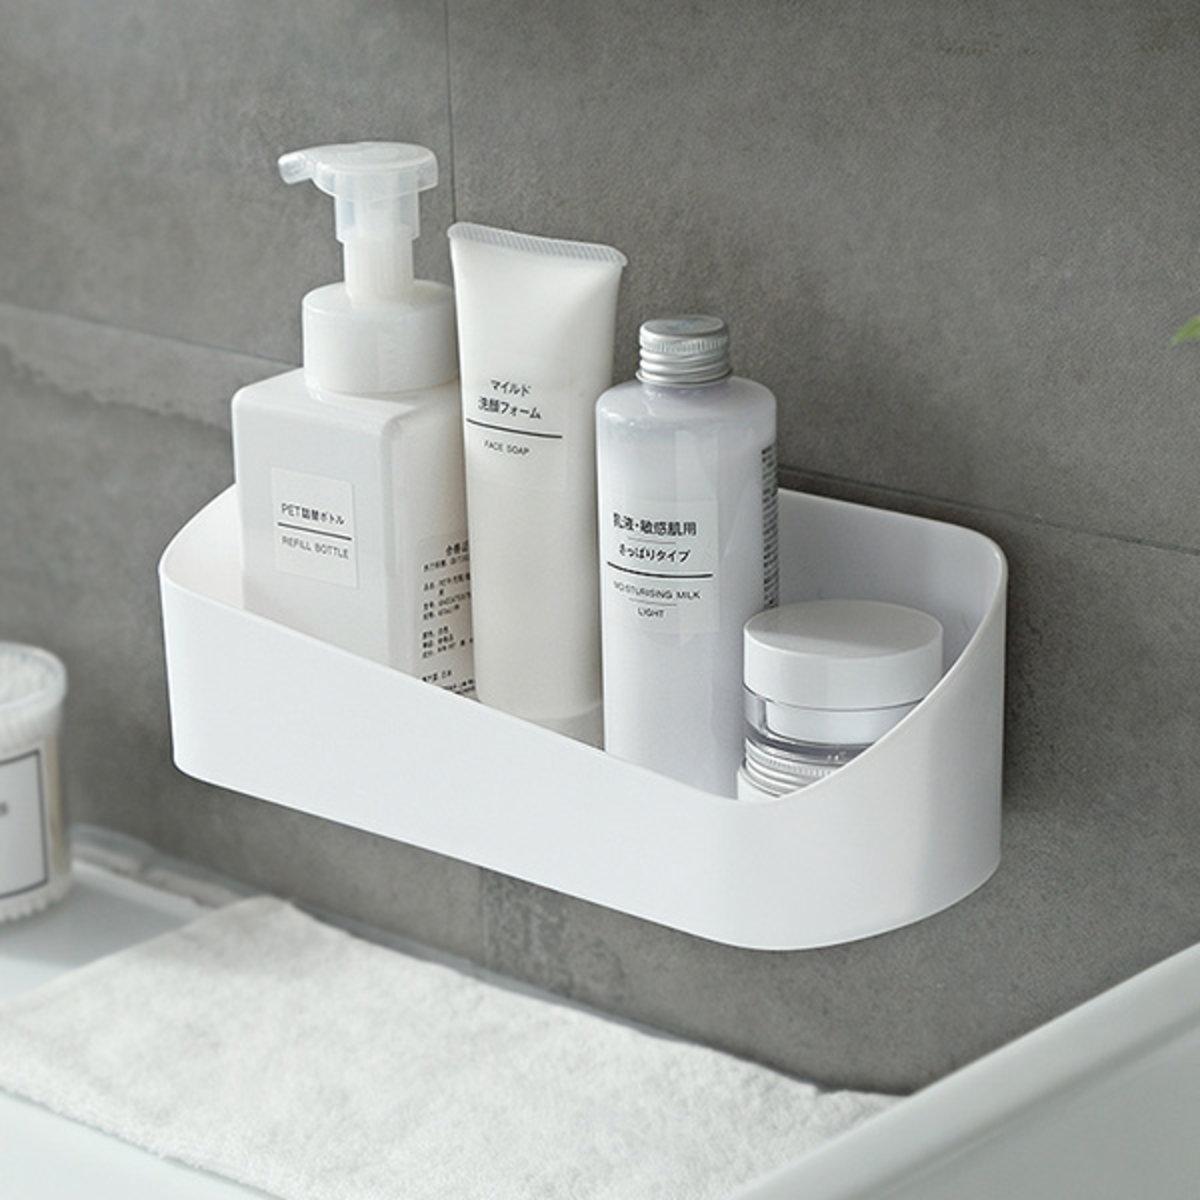 Punch-free bathroom simple storage shelf